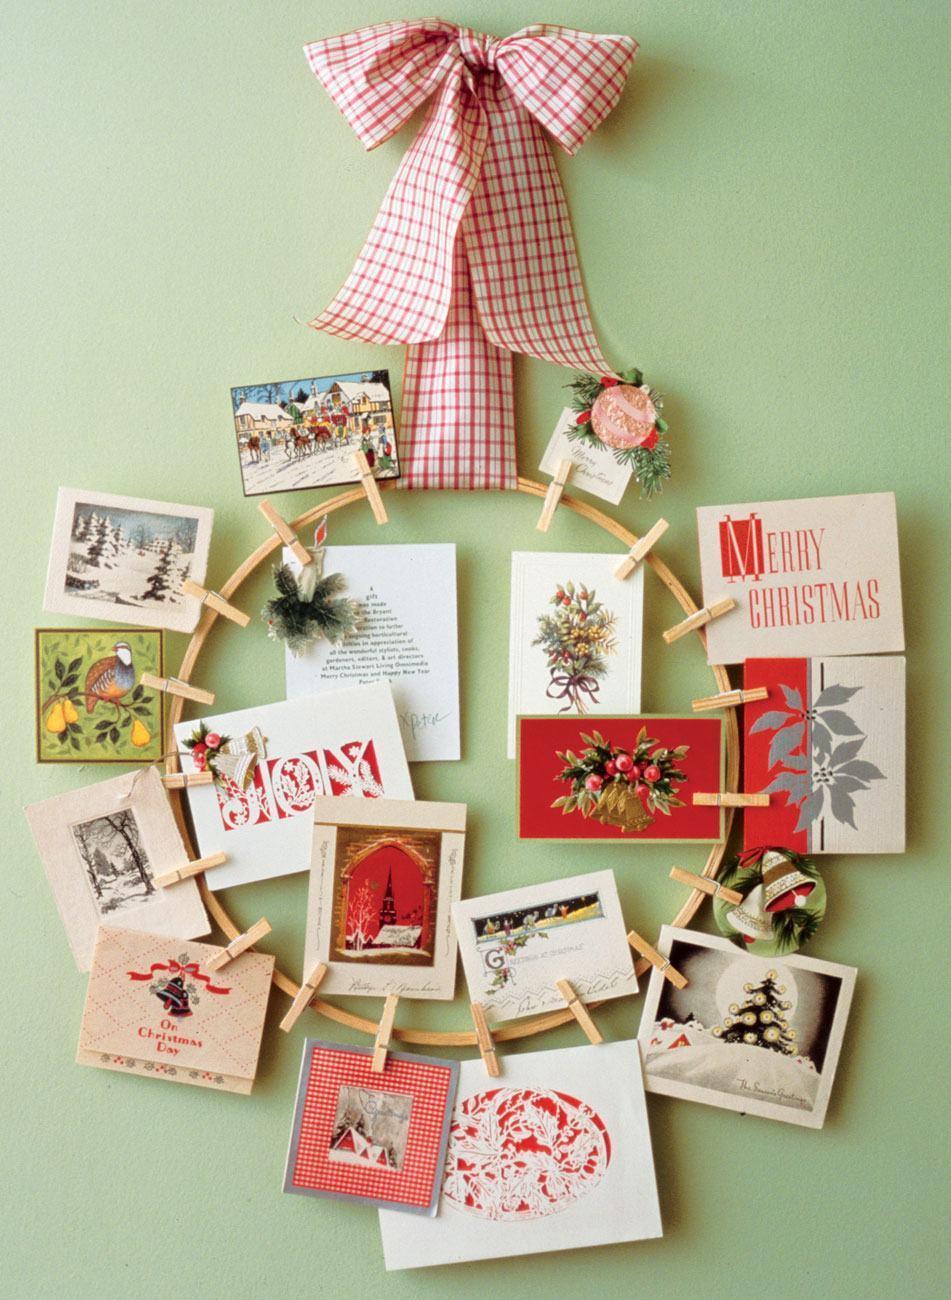 Guirlanda de madeira com fotos e cartões pendurados por pregadores